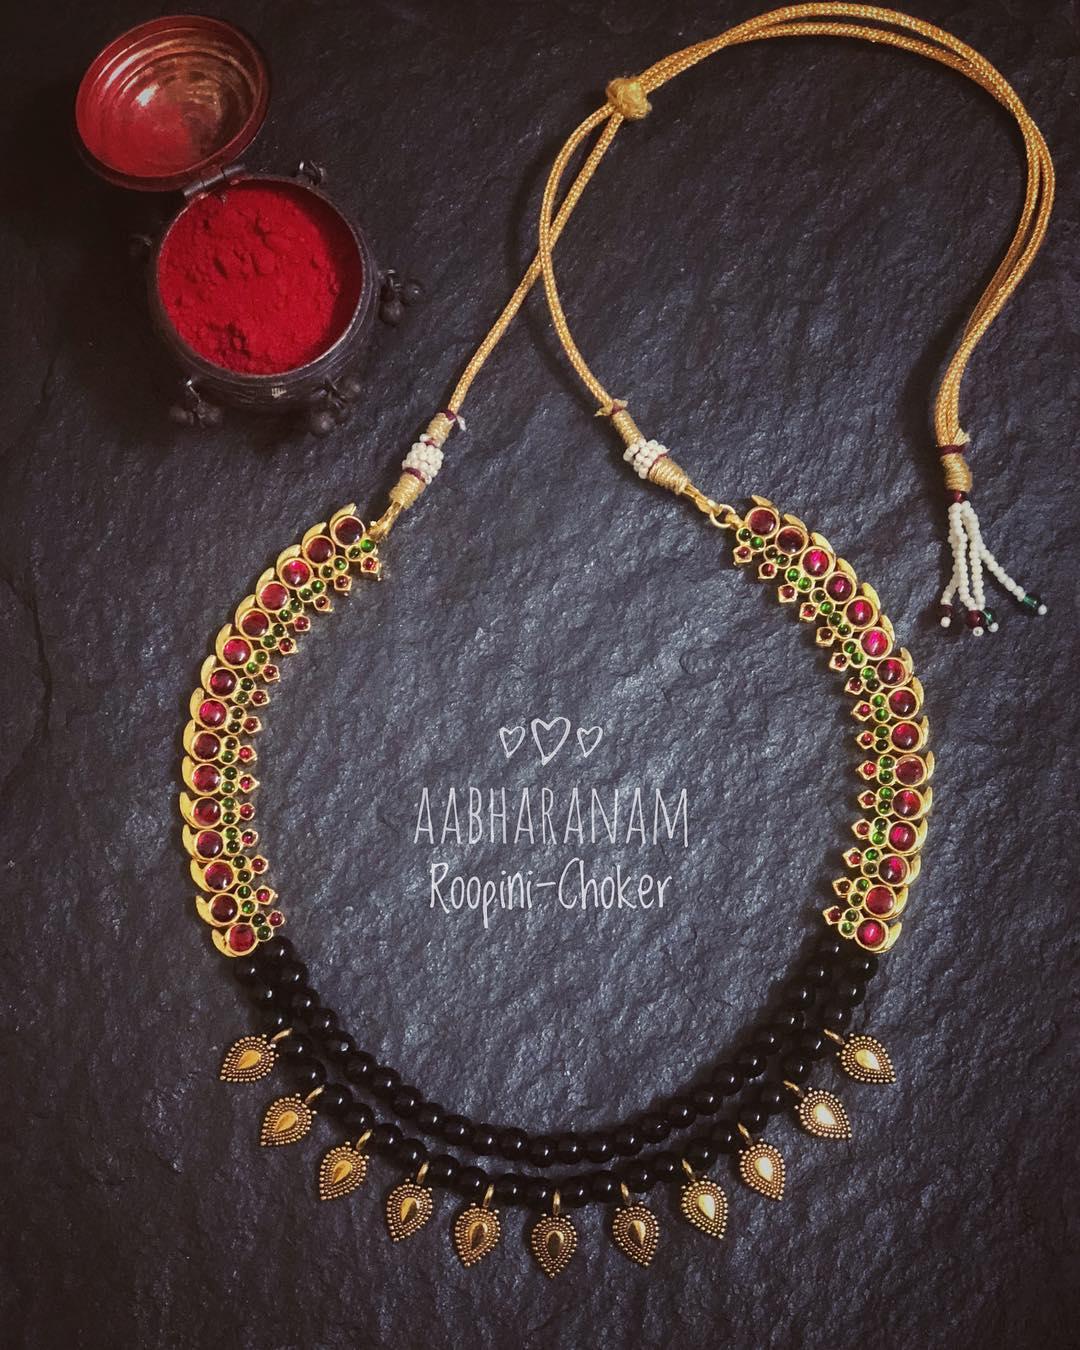 Eye Catching Choker From Abharanam